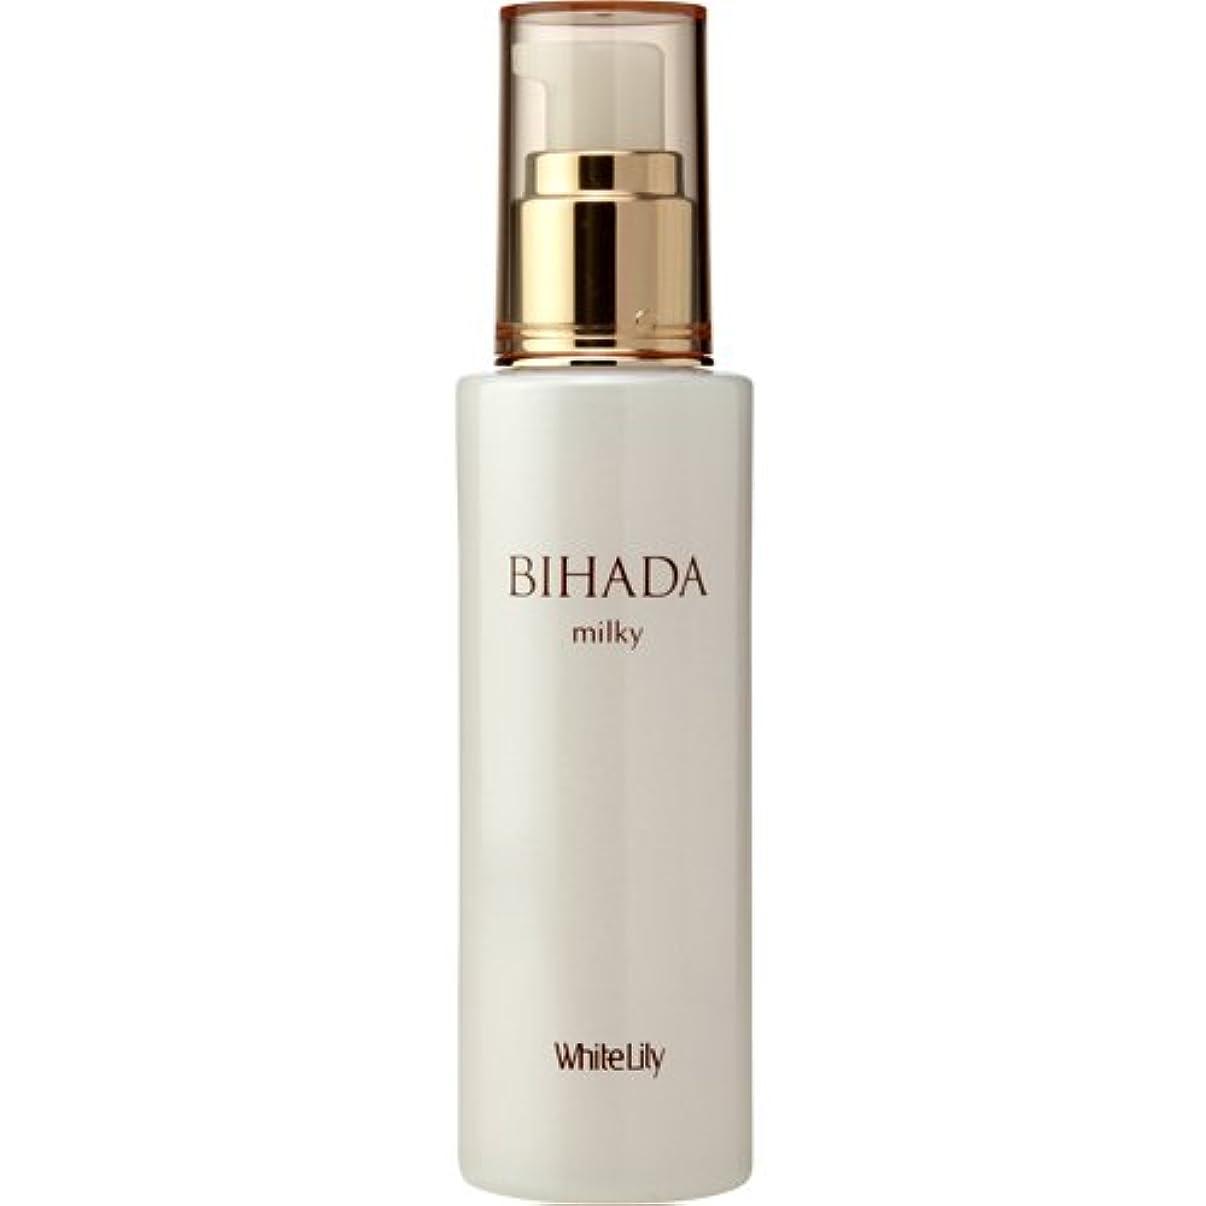 空気回答正当なホワイトリリー BIHADAミルキー 80mL 乳液